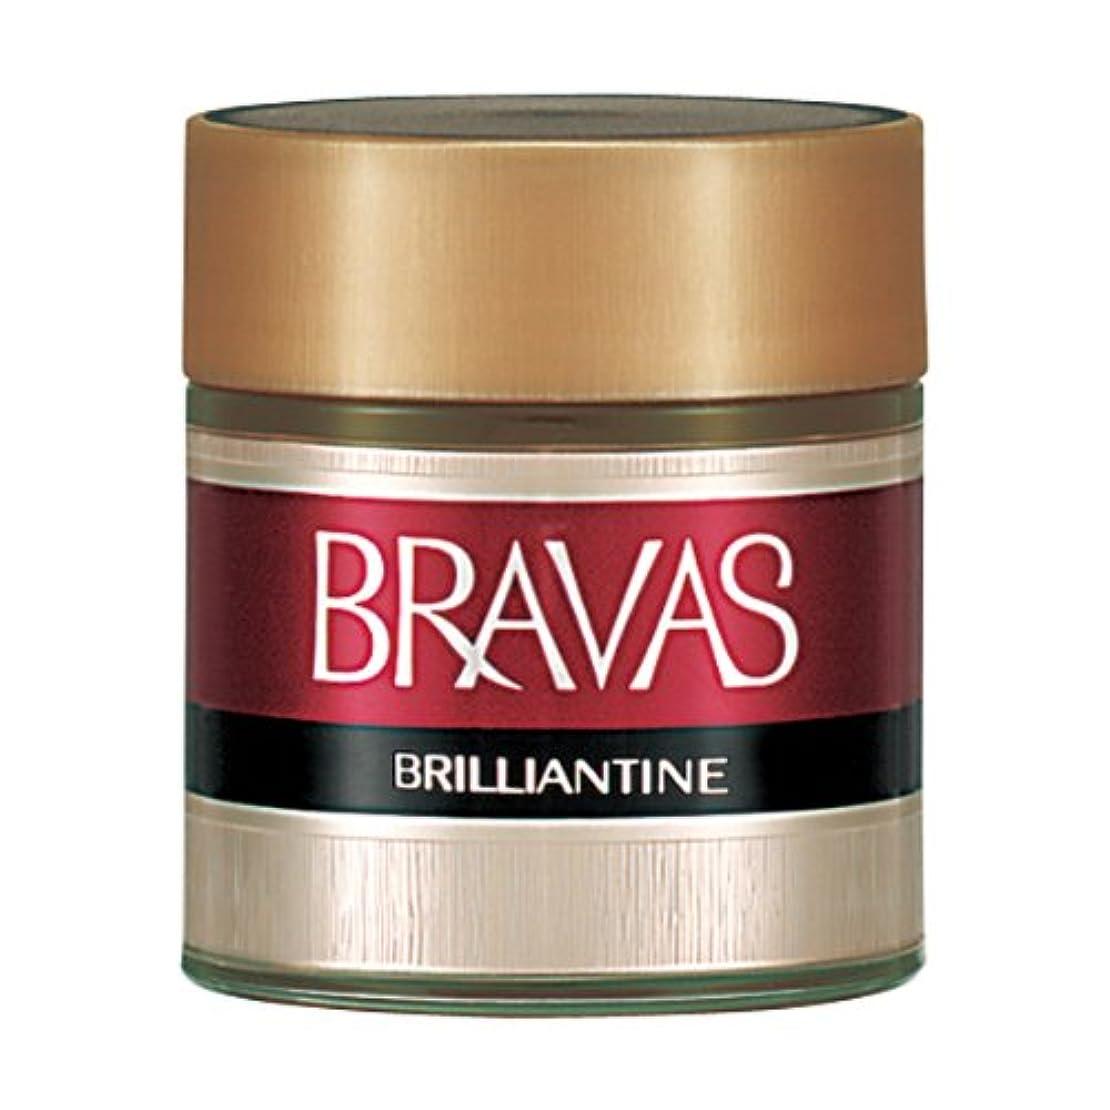 ファンチラチラする銀行ブラバス ブリランチン 85g